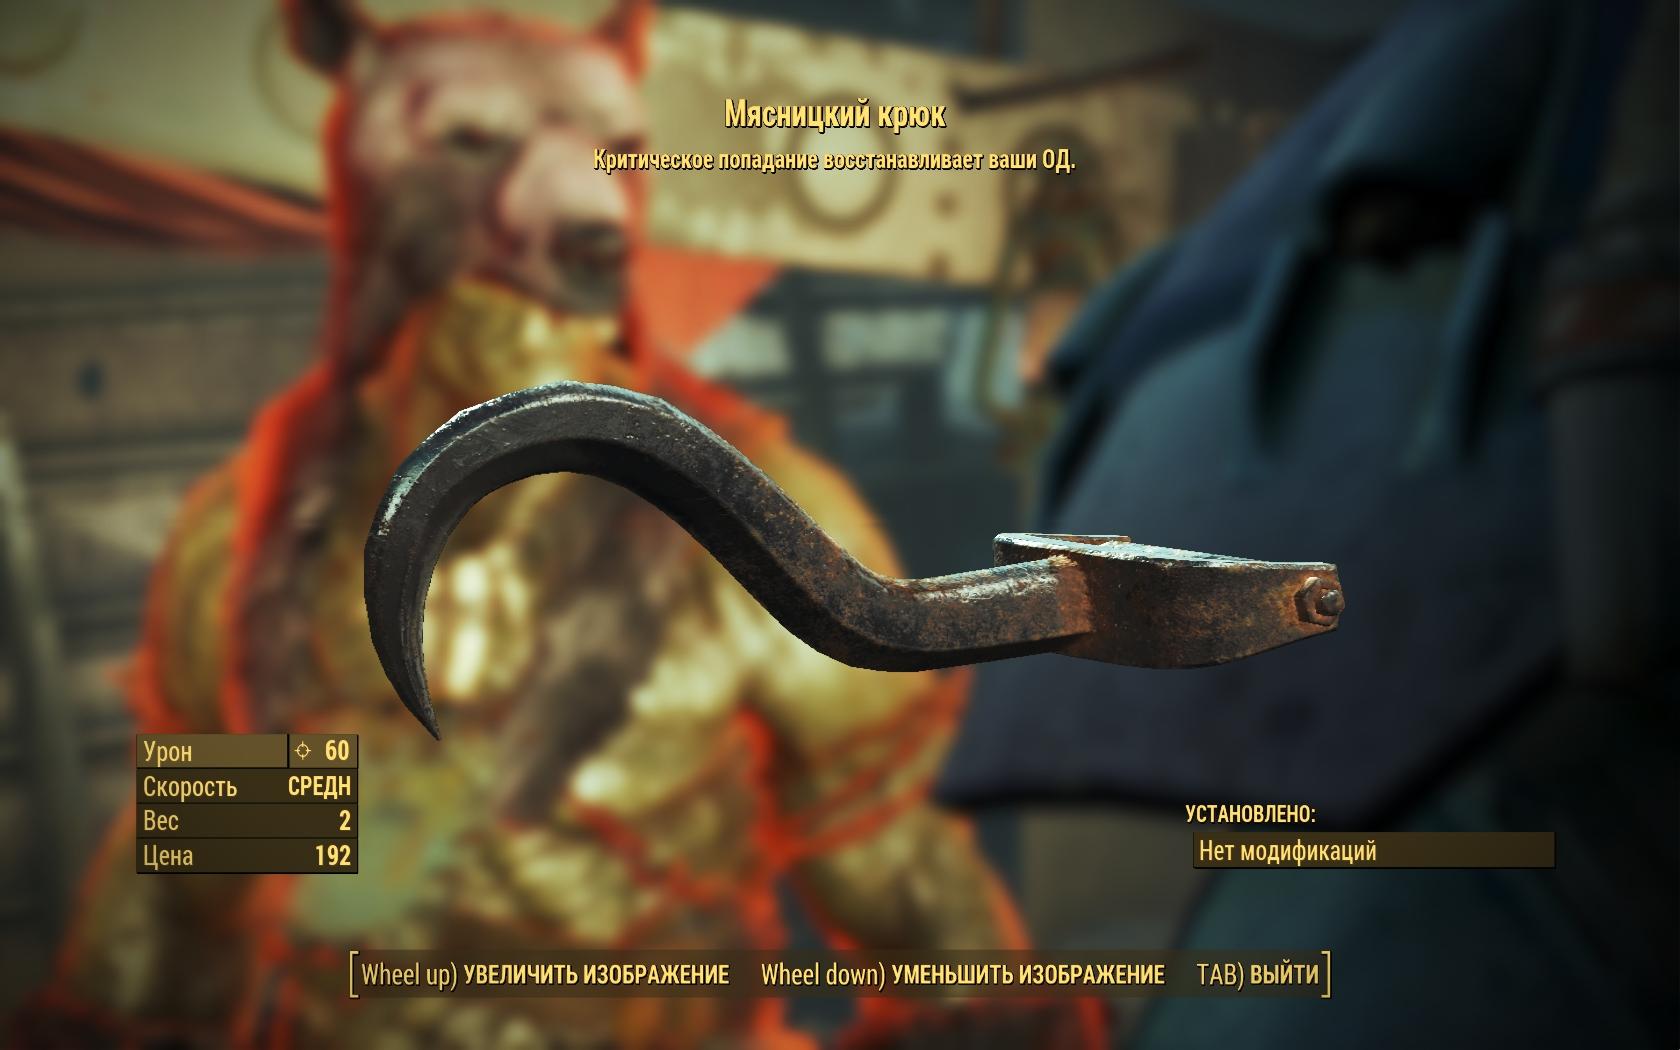 Мясницкий крюк (Фар-Харбор, рейс Горизонт 1207, куплено у Эриксона) - Fallout 4 крюк, Мясницкий, Мясницкий крюк, Оружие, рейс Горизонт 1207, супермутант, Эриксон